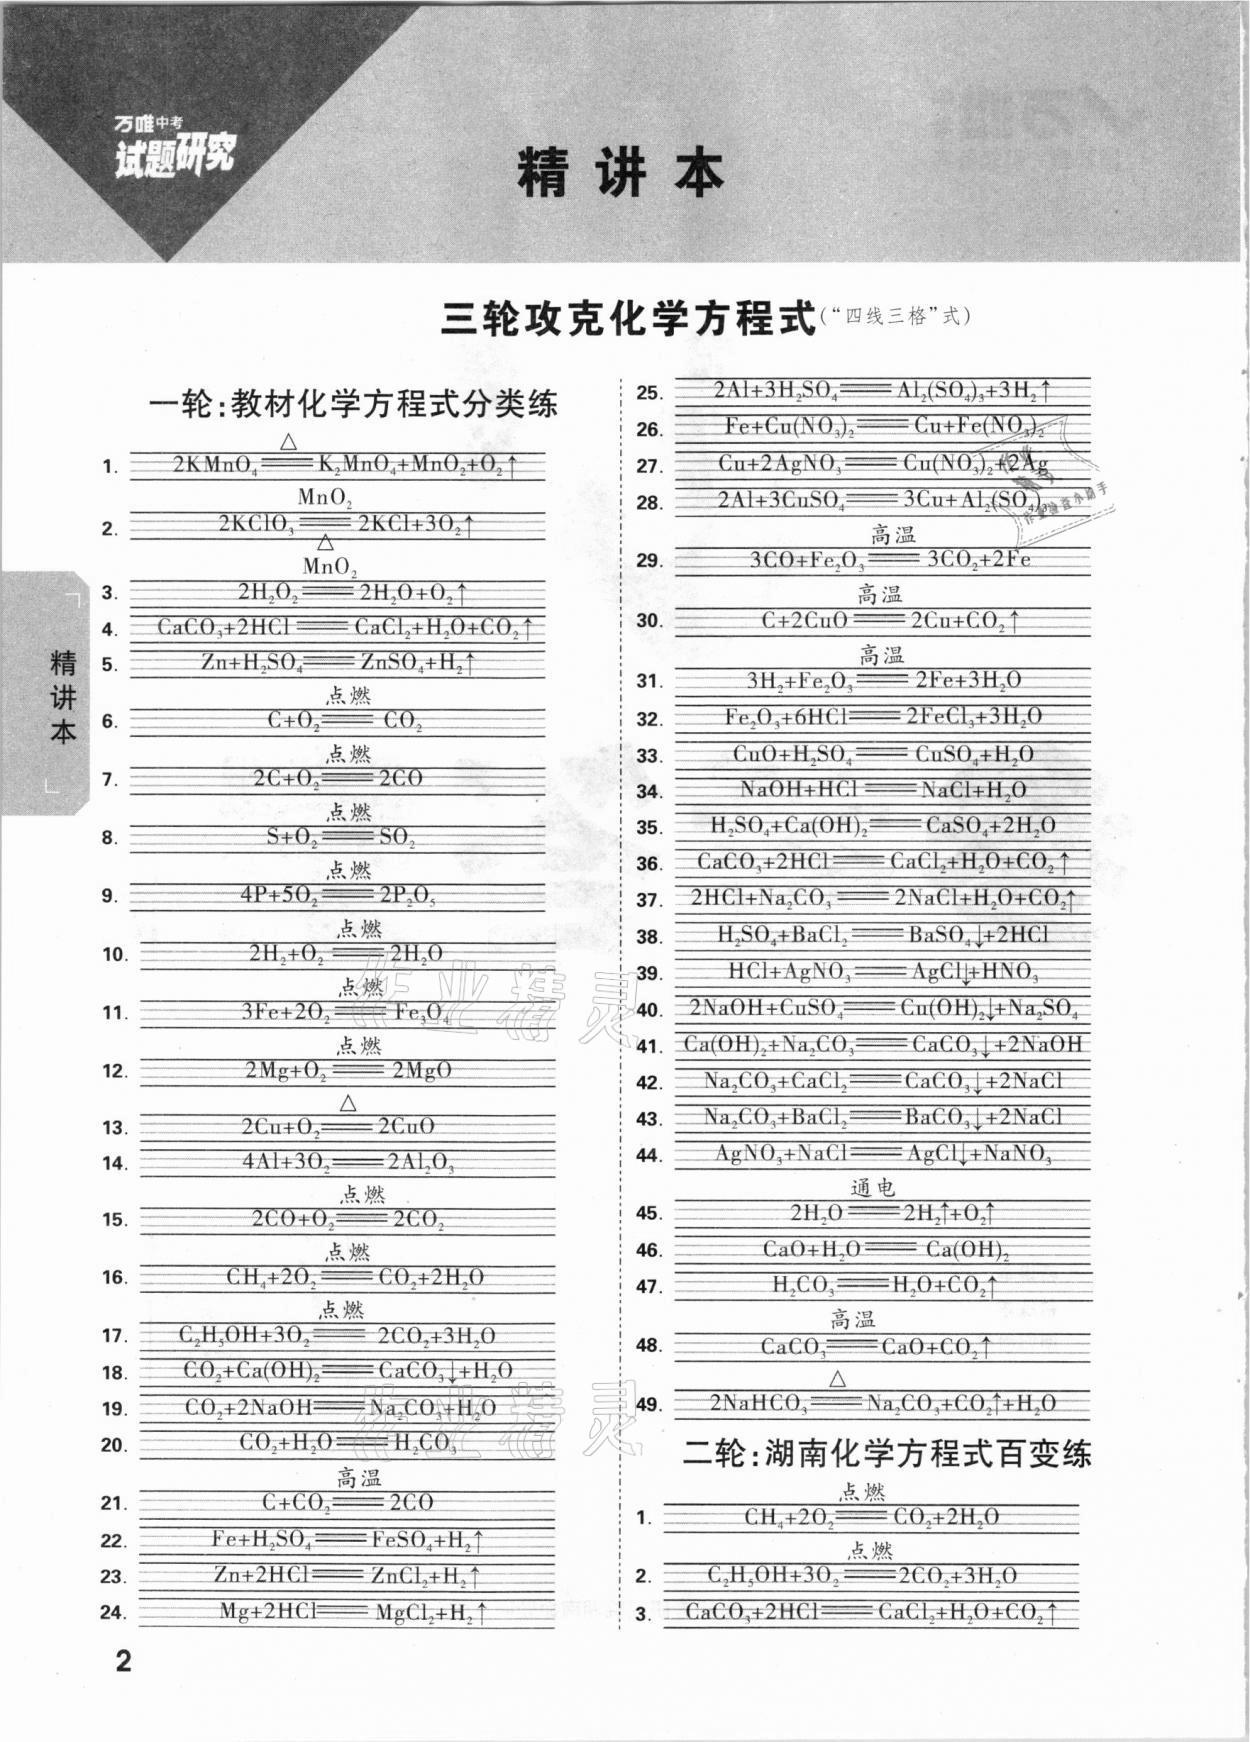 2021年万唯中考试题研究化学湖南专版参考答案第1页